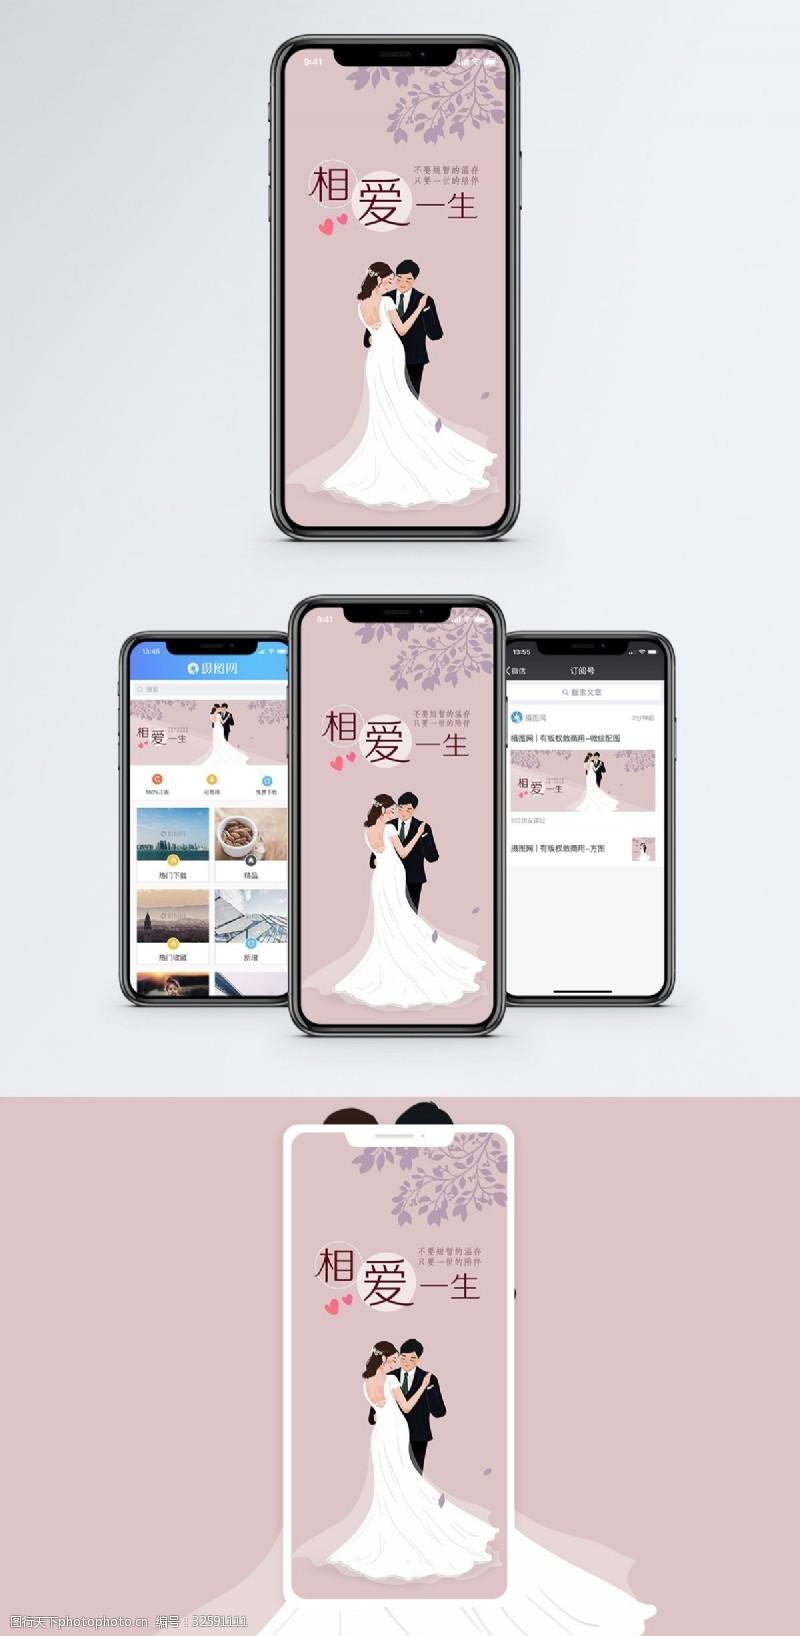 结婚婚纱礼服爱人手机海报配图